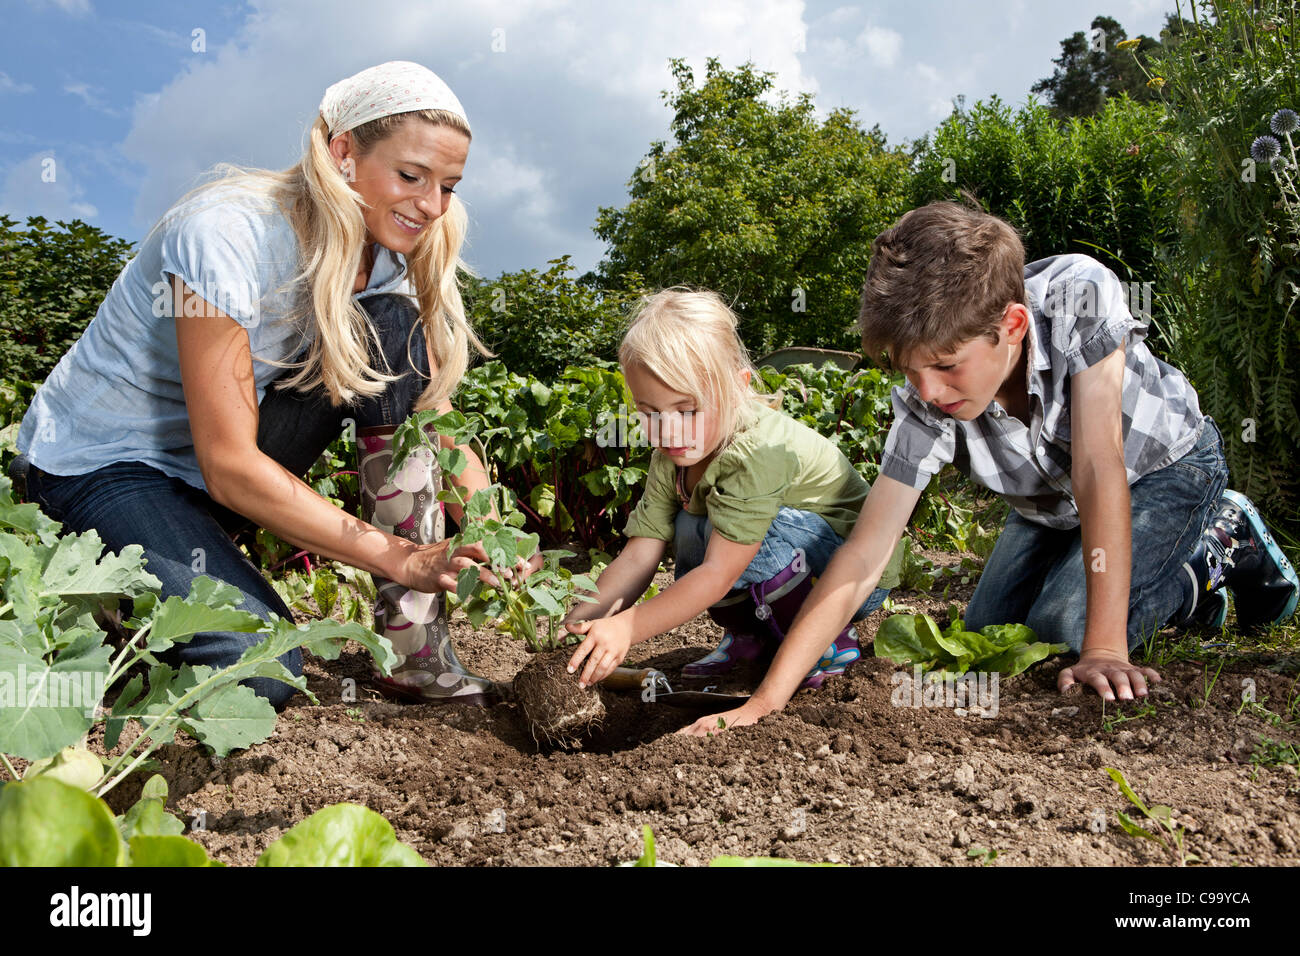 Alemania, Baviera, Altenthann, mujer e hijos juntos en jardinería jardín Foto de stock